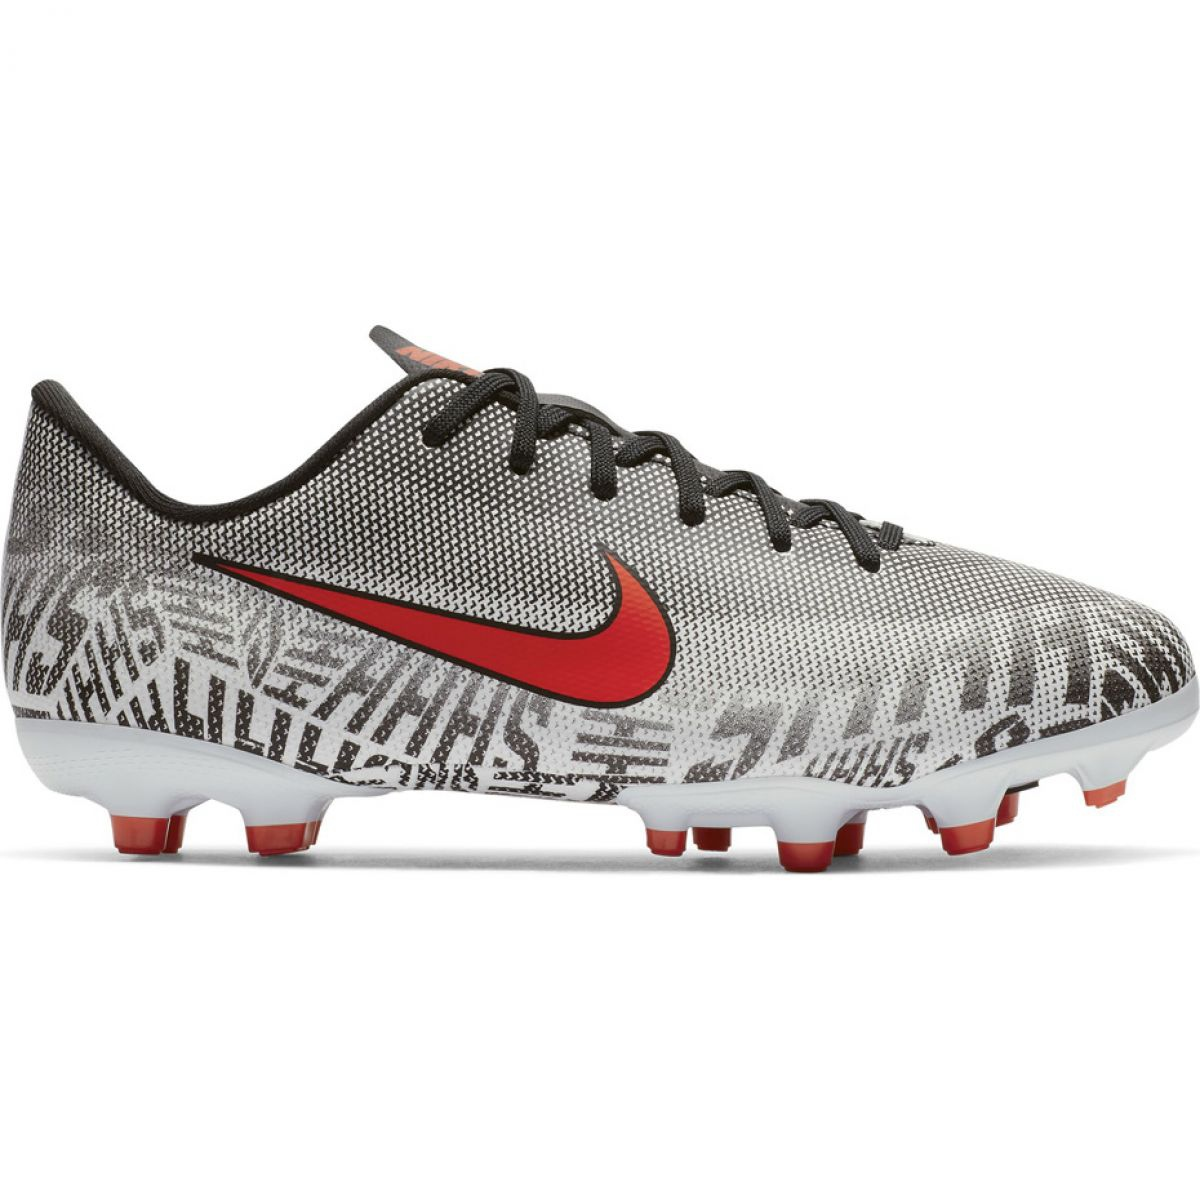 Nike Mercurial Vapor 12 Academy Fussballschuhe Neymar Fg Mg Jr Ao2896 170 Weiss Weiss